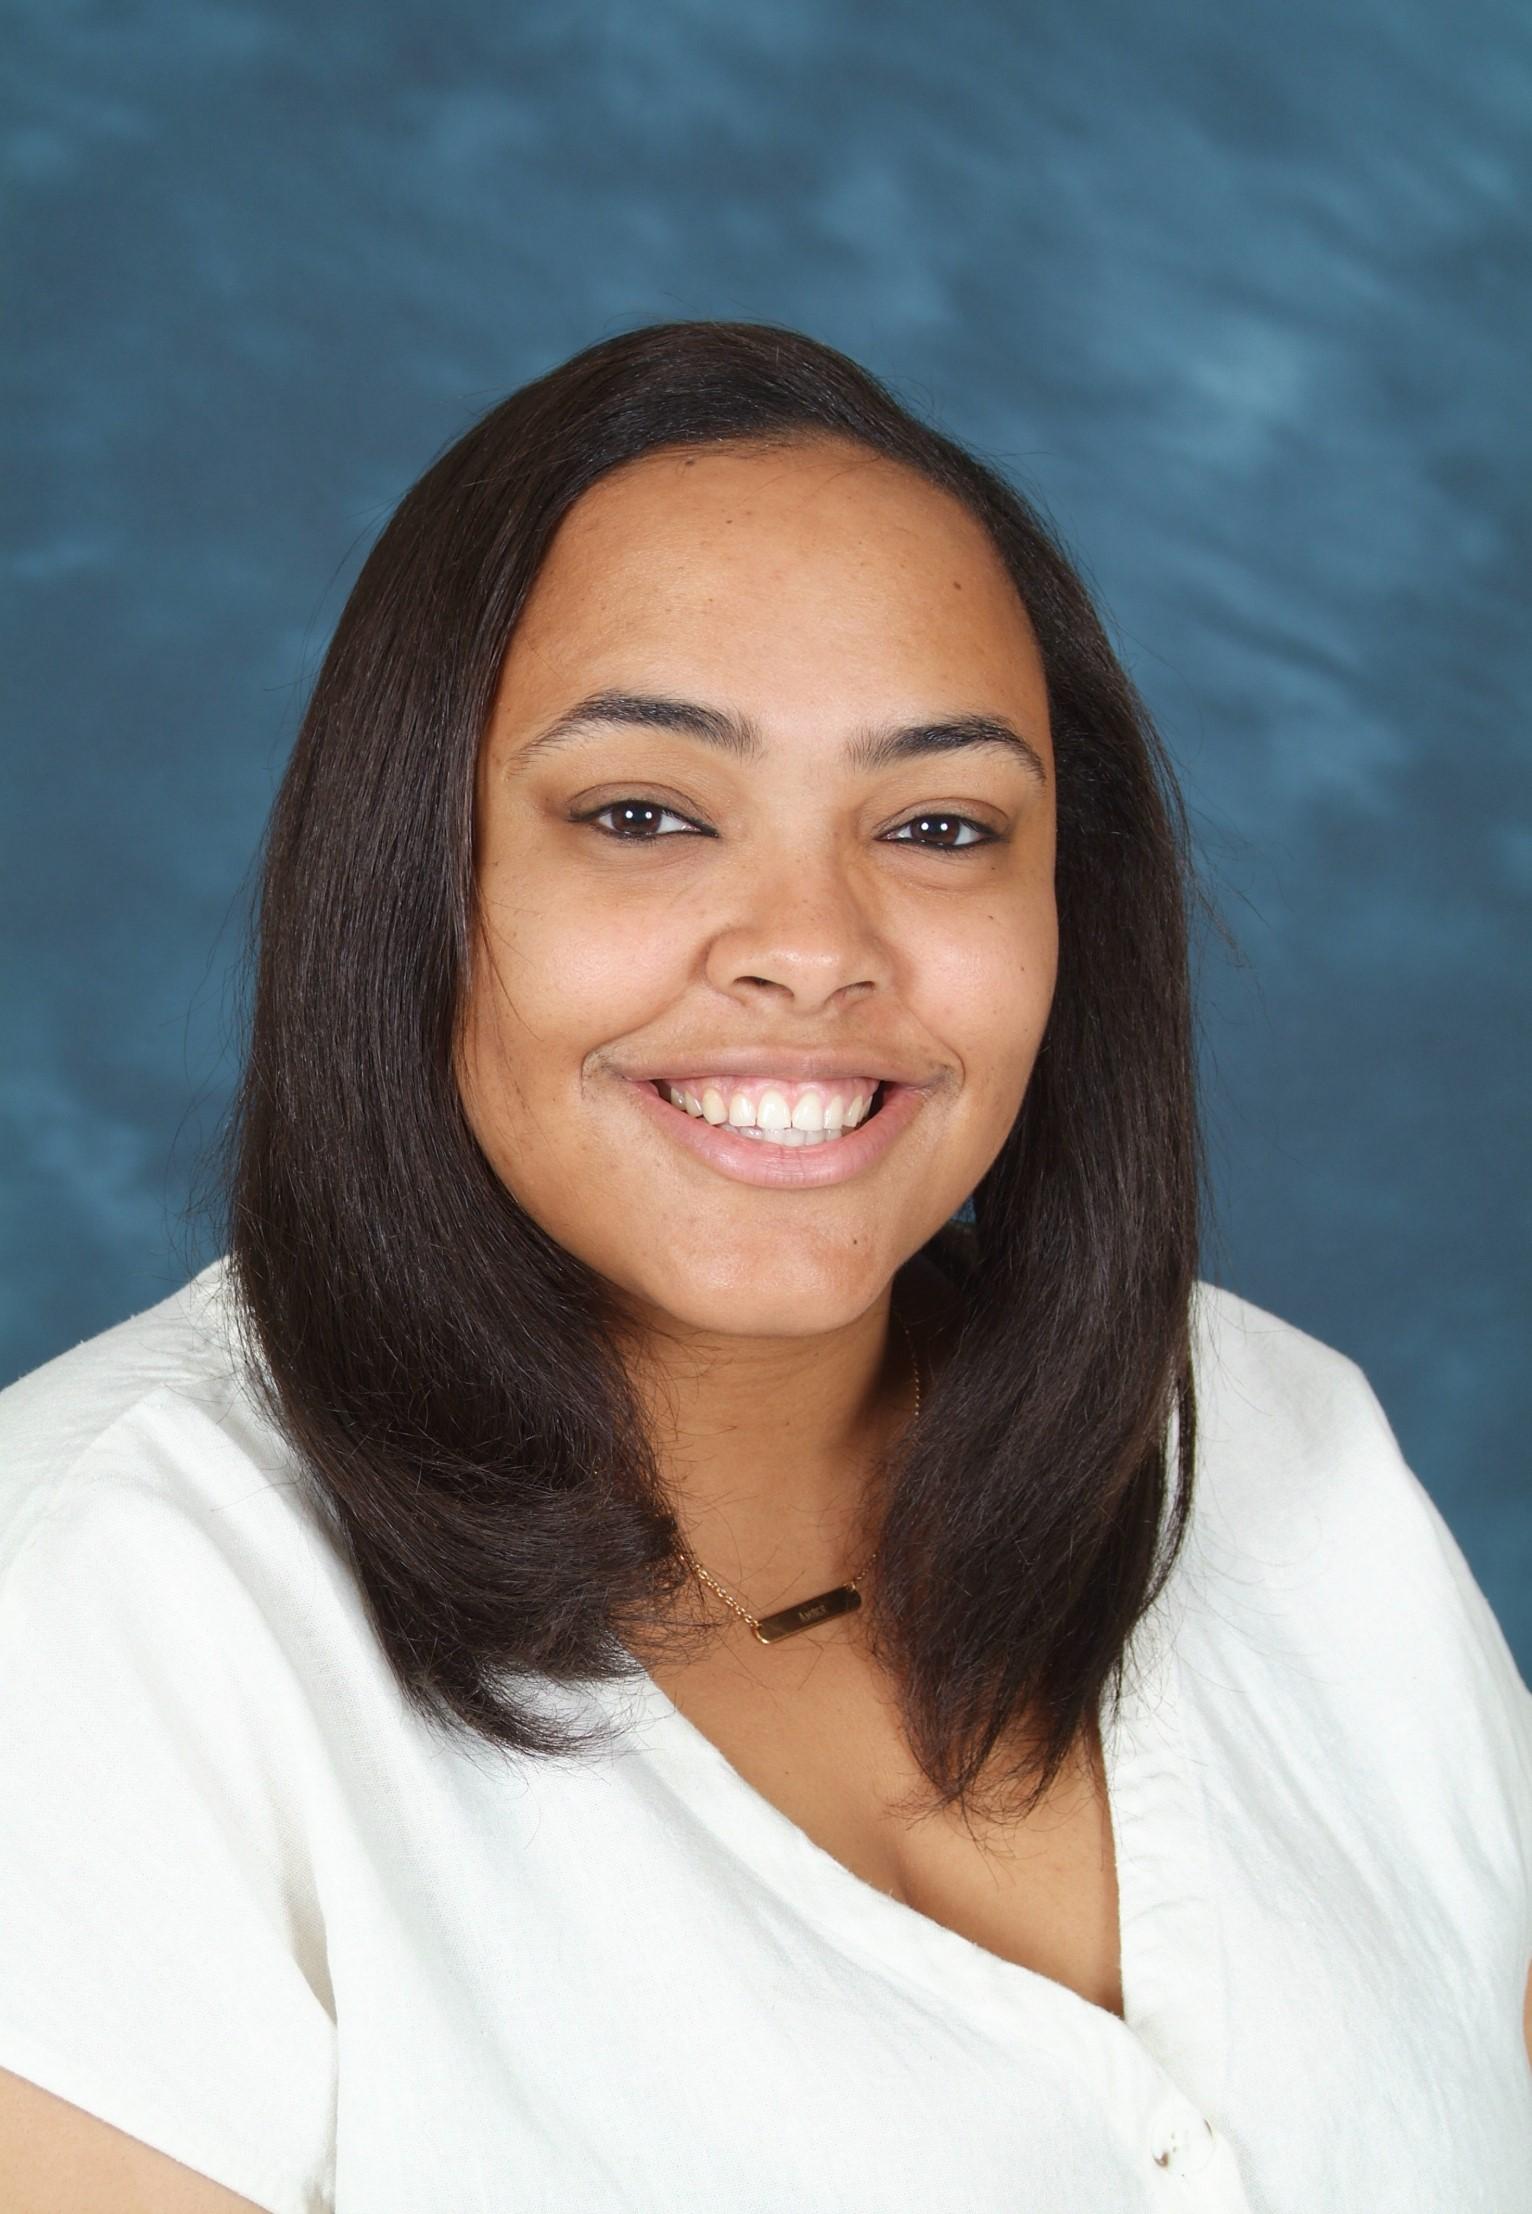 Ms. Hall